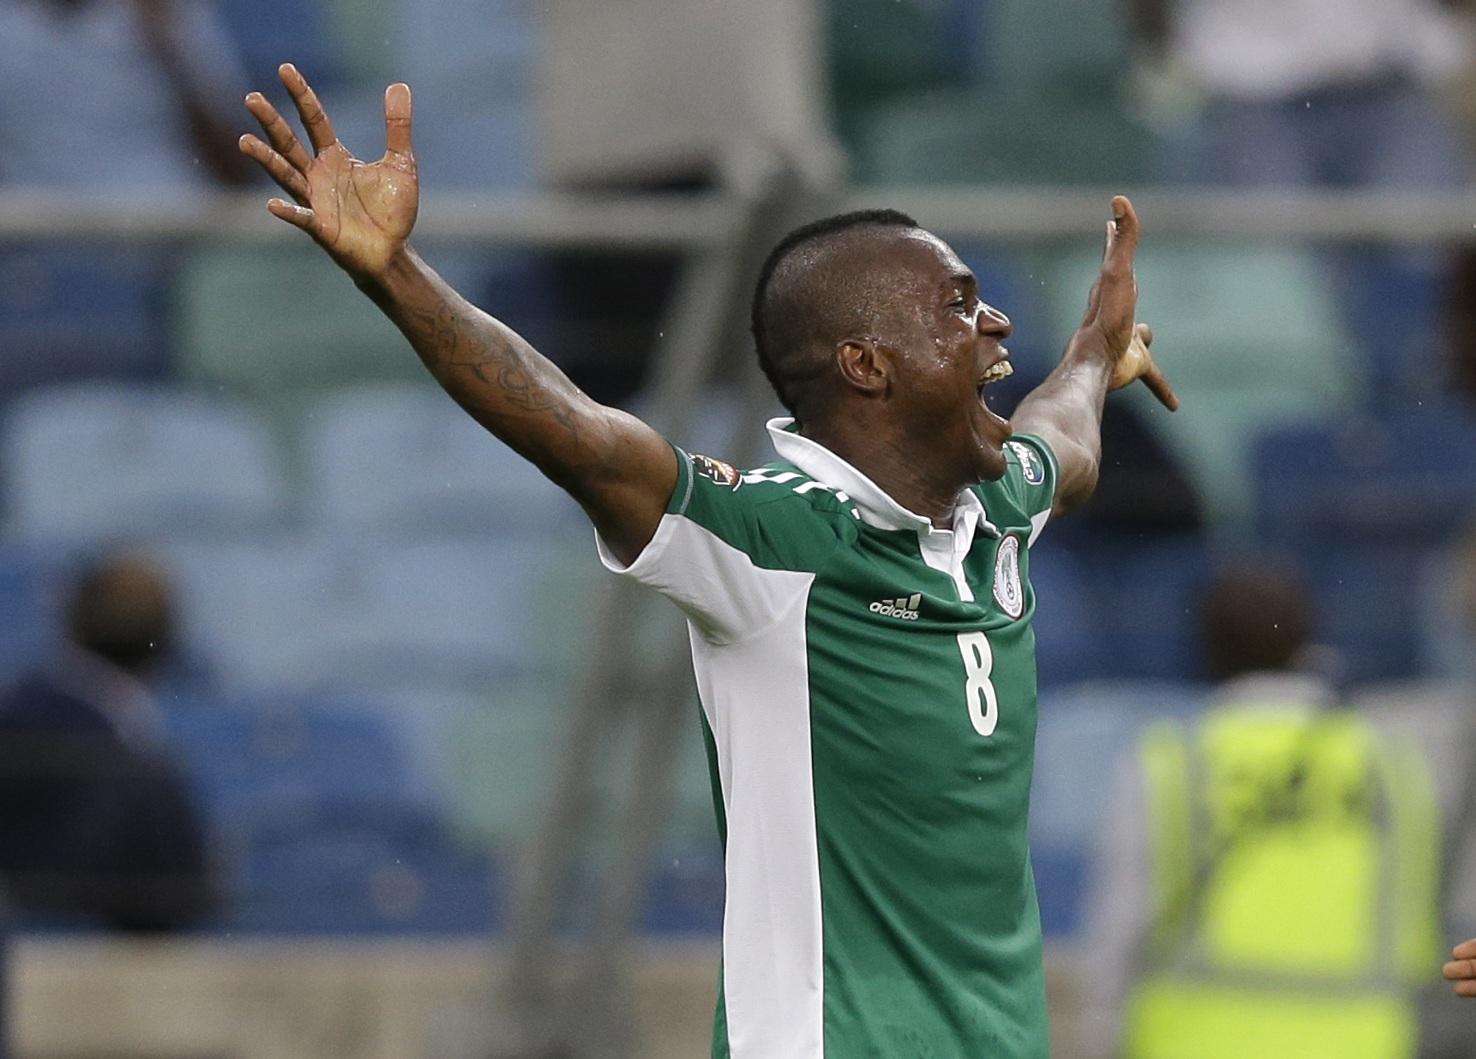 Браун Идейе очень счастлив, что ему удалось выиграть со своей сборной Кубок африканских наций